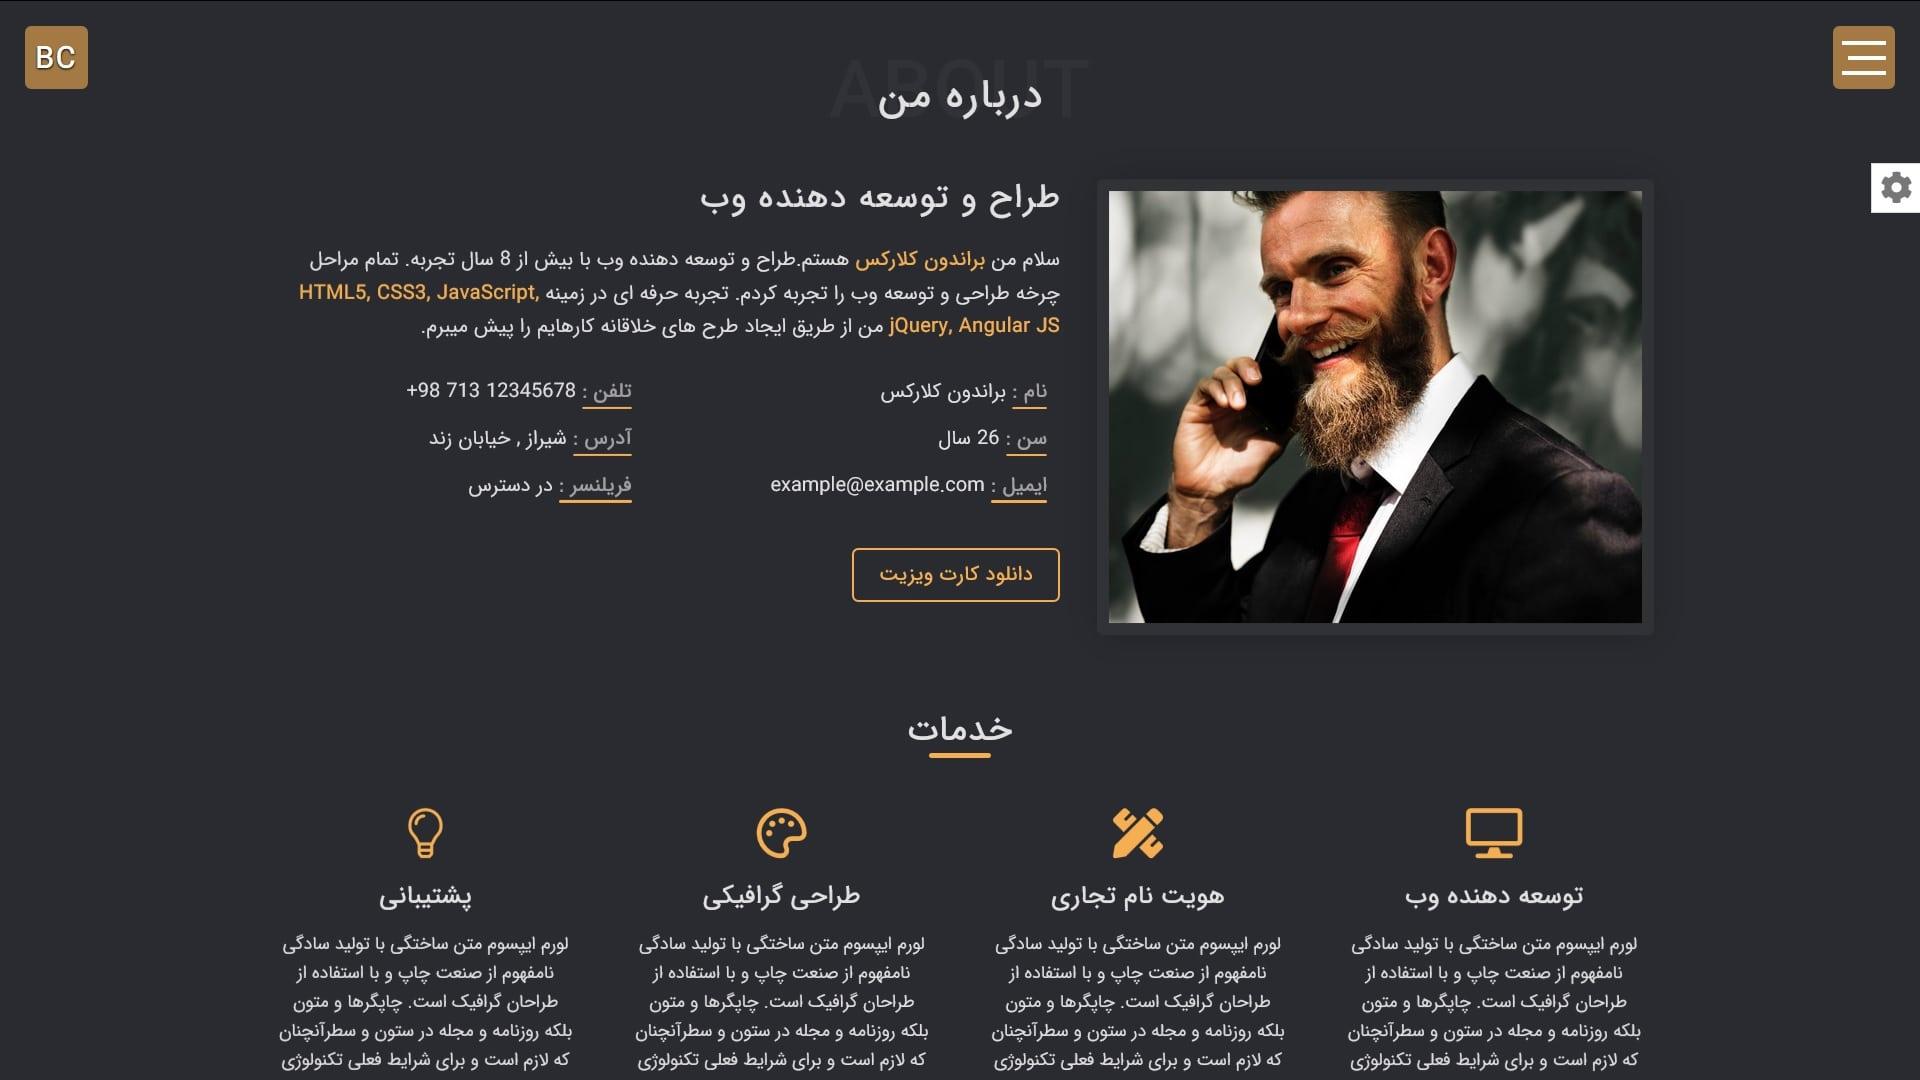 قالب Clarks | پوسته HTML سایت شخصی و رزومه